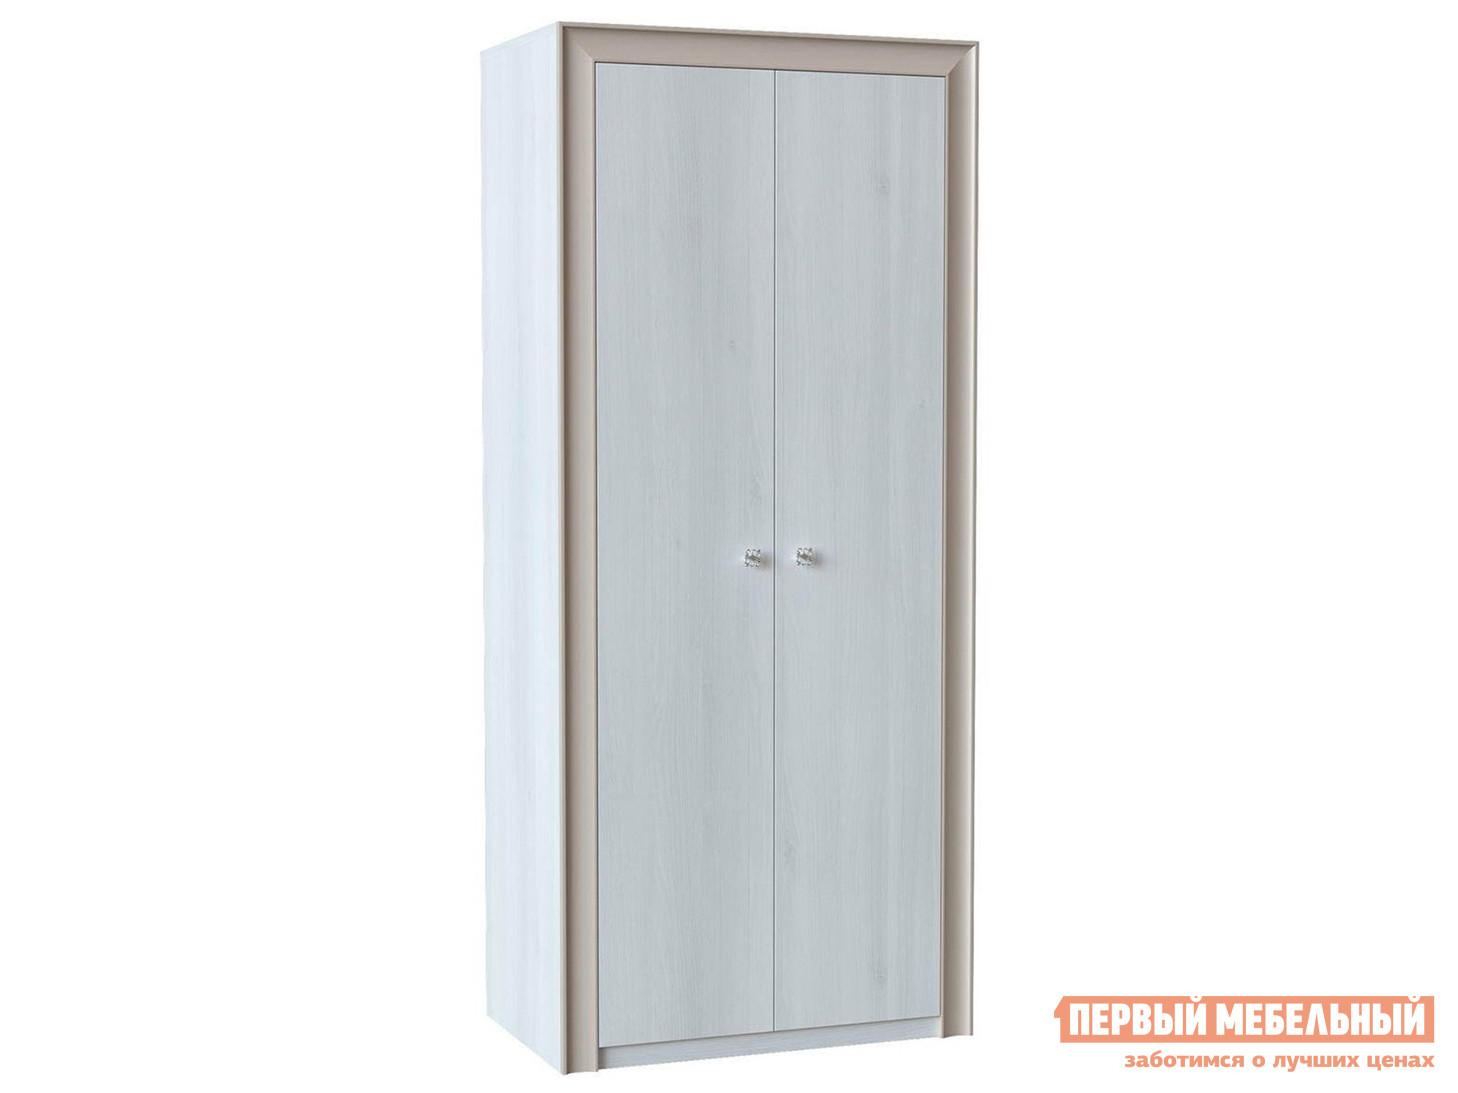 Двухдверный шкаф Первый Мебельный Прато Ш2 напольное зеркало первый мебельный прато вз